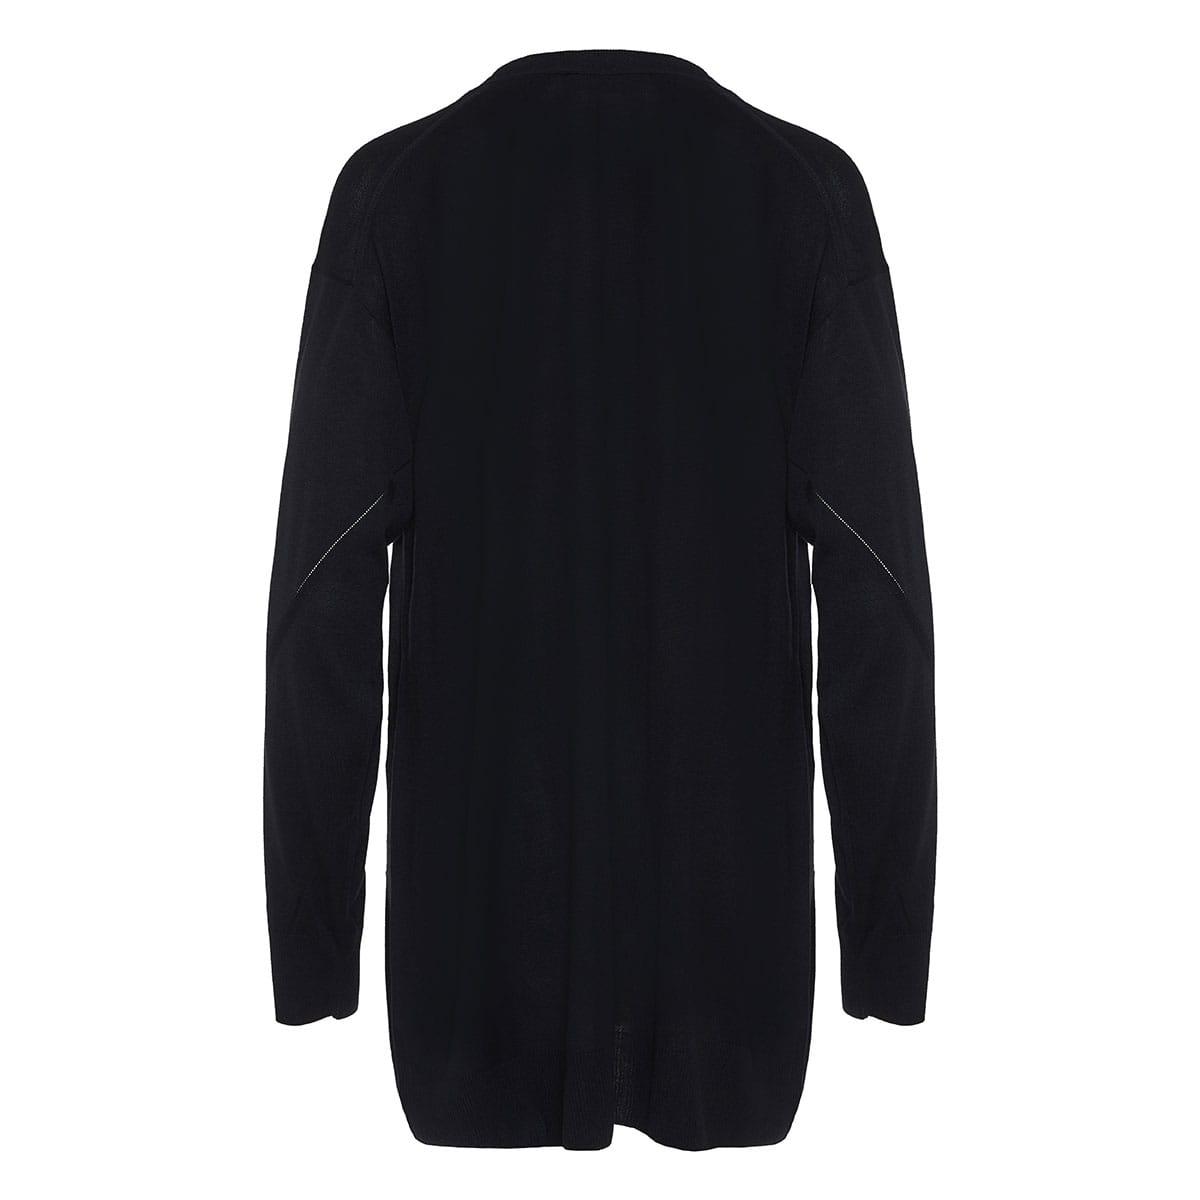 Pin-embellished oversized cardigan